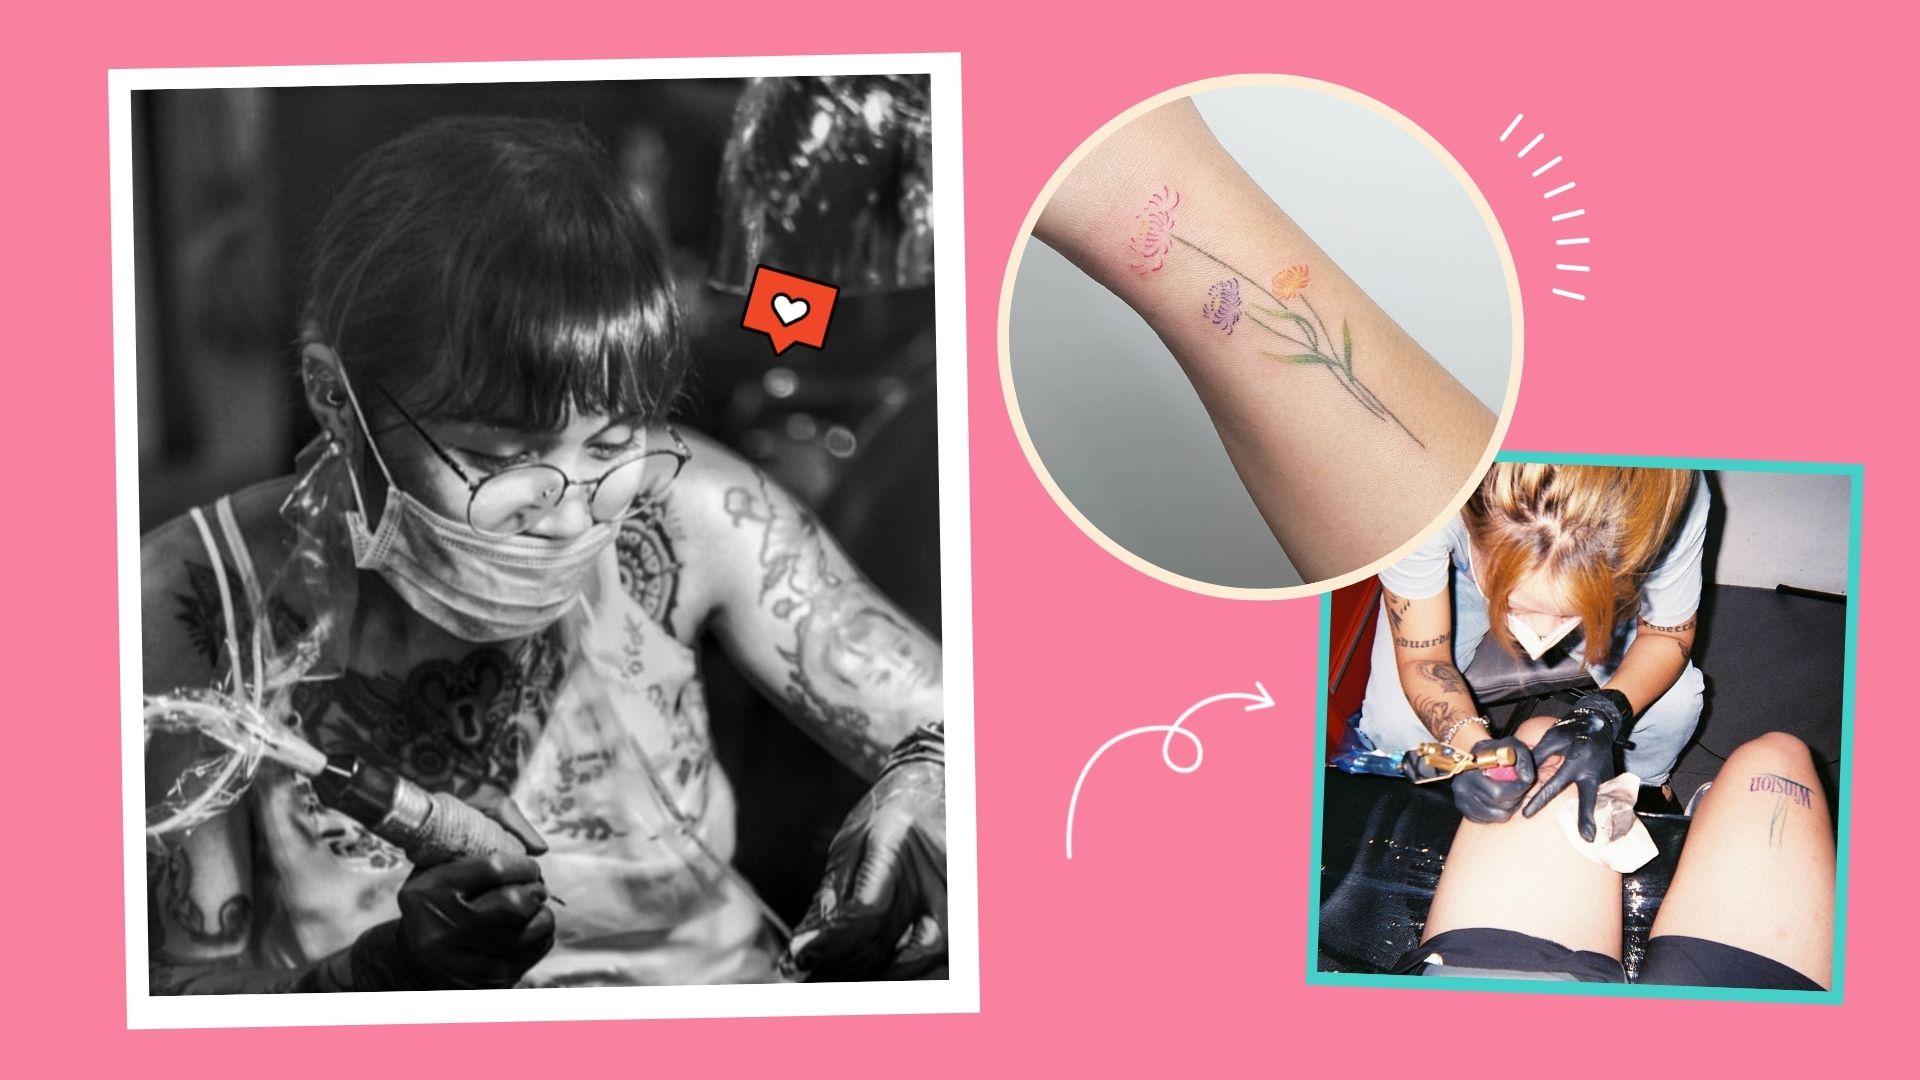 Pinay tattoo artists, tattoos